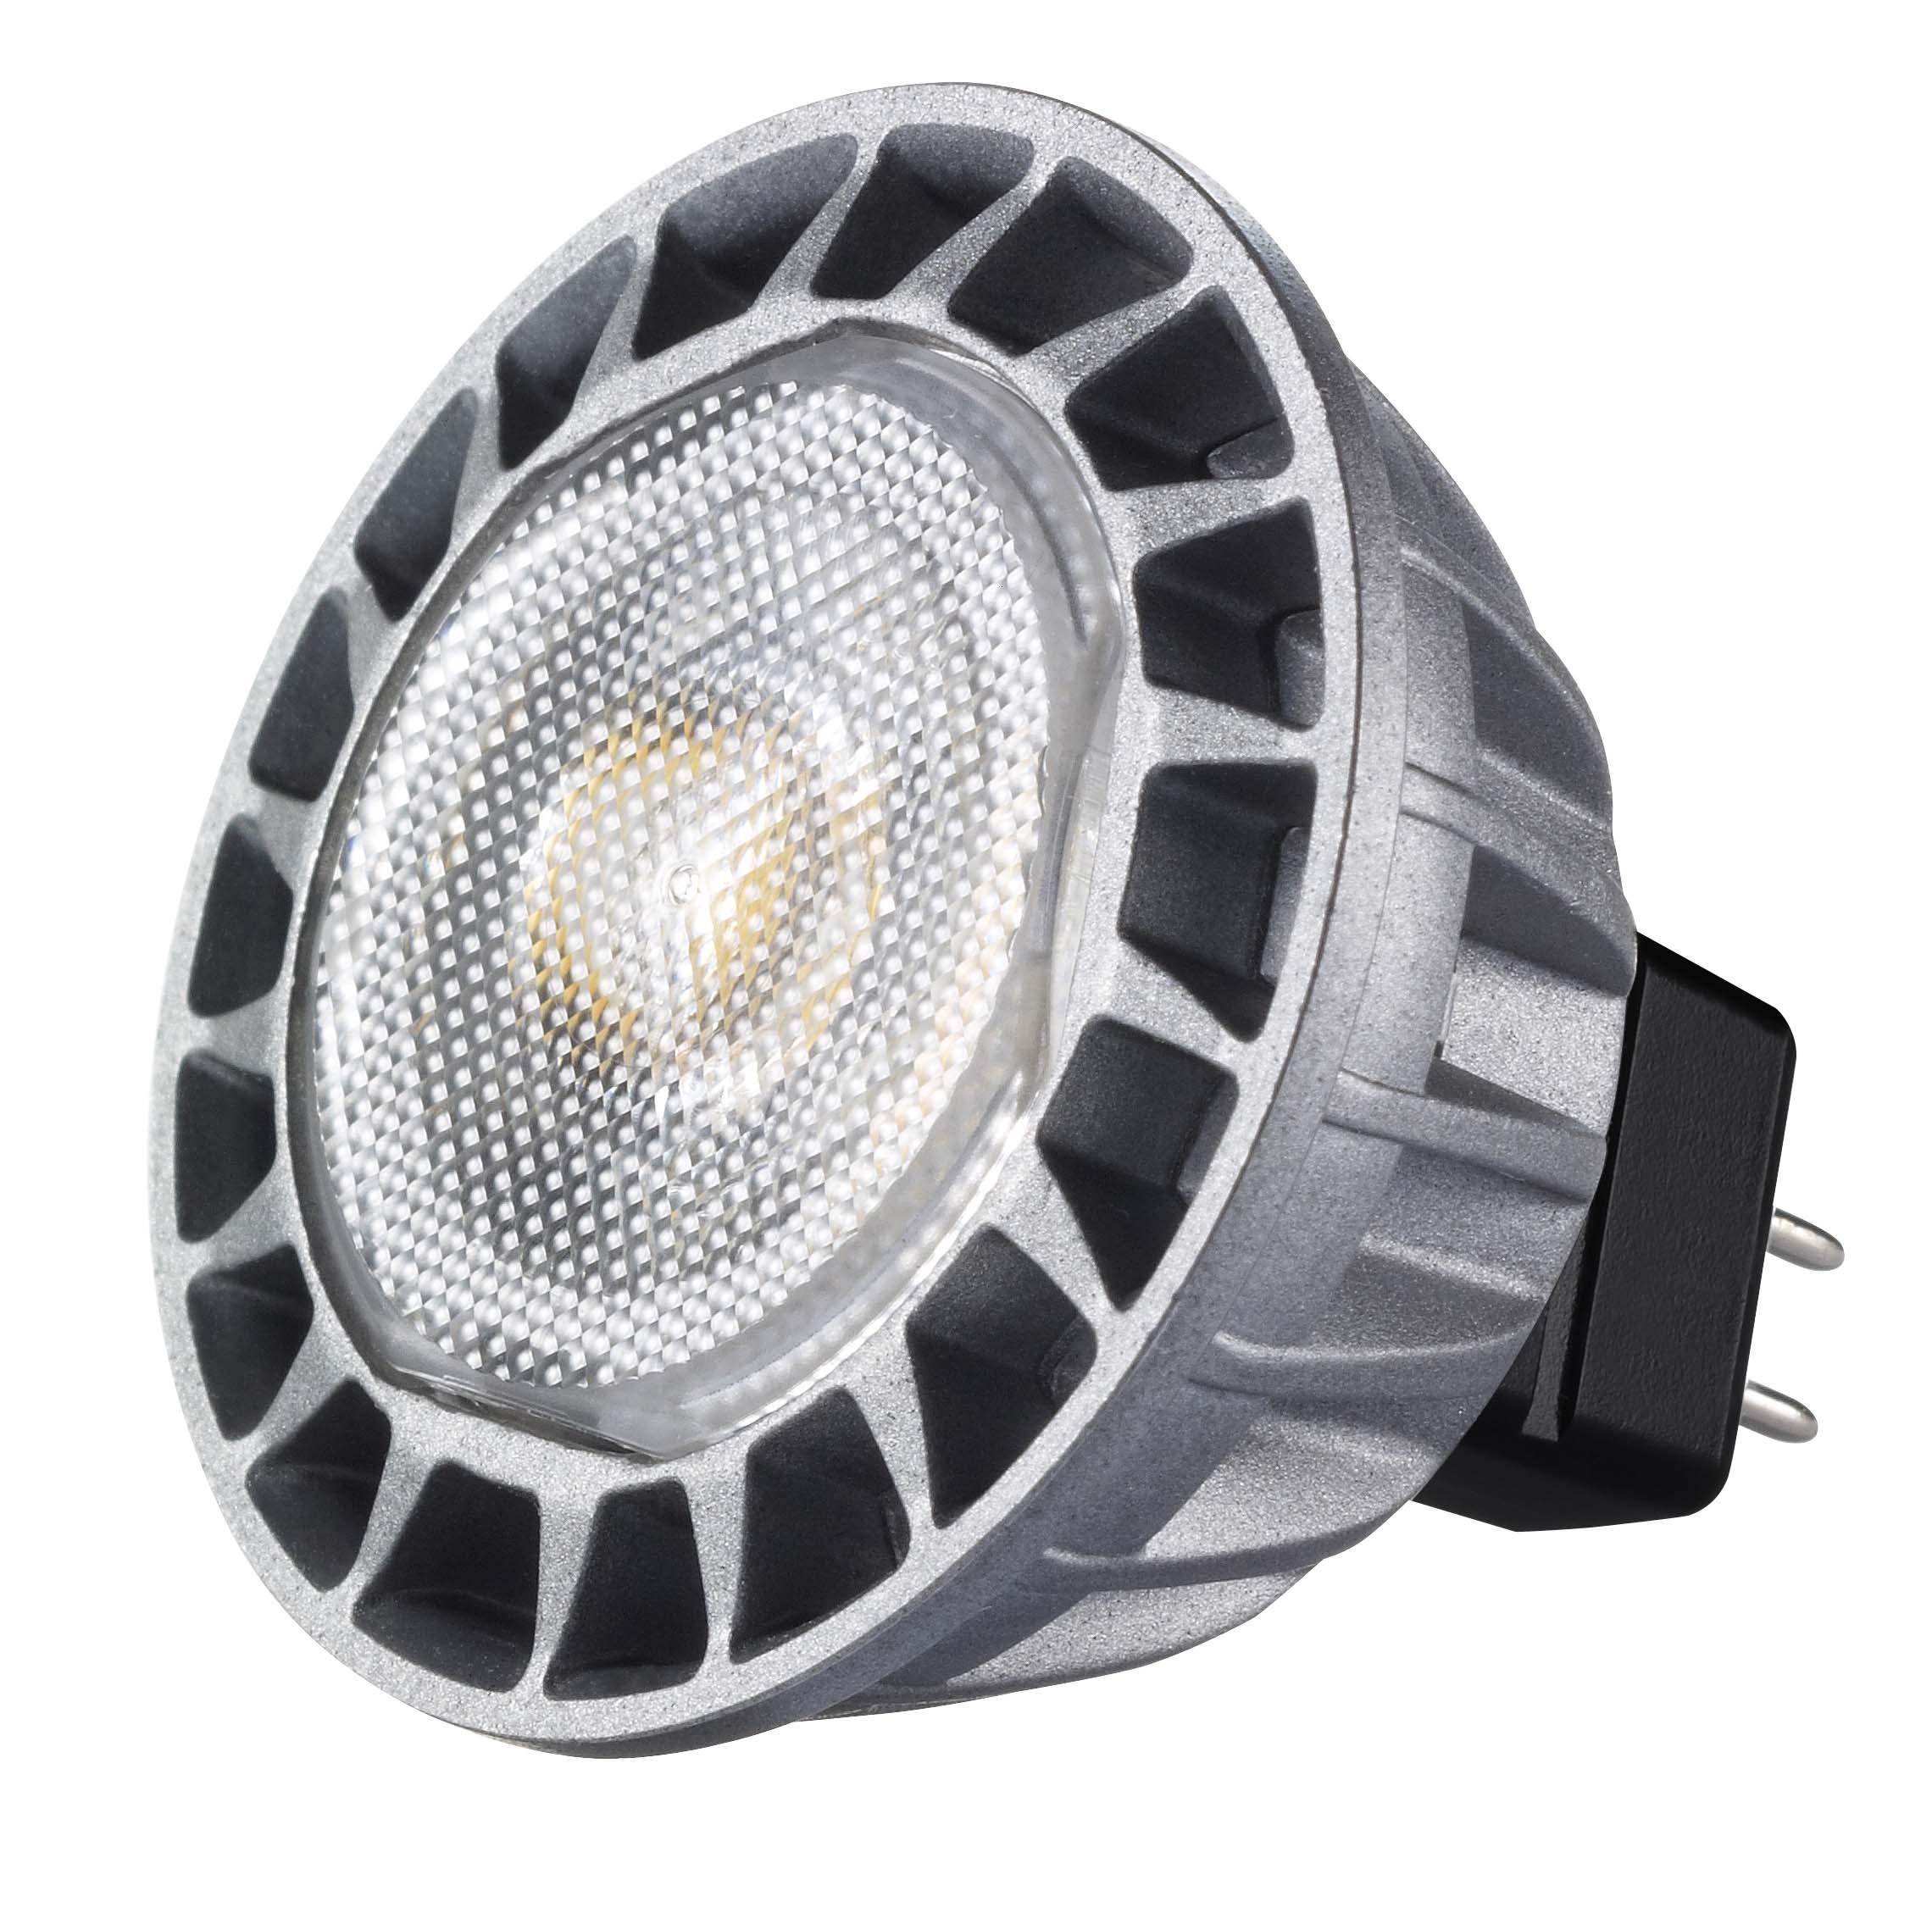 Sylvania RefLED Superia MR16 GU5,3 8W 621lm 840 40° SL LED-Lampe - 1 ...